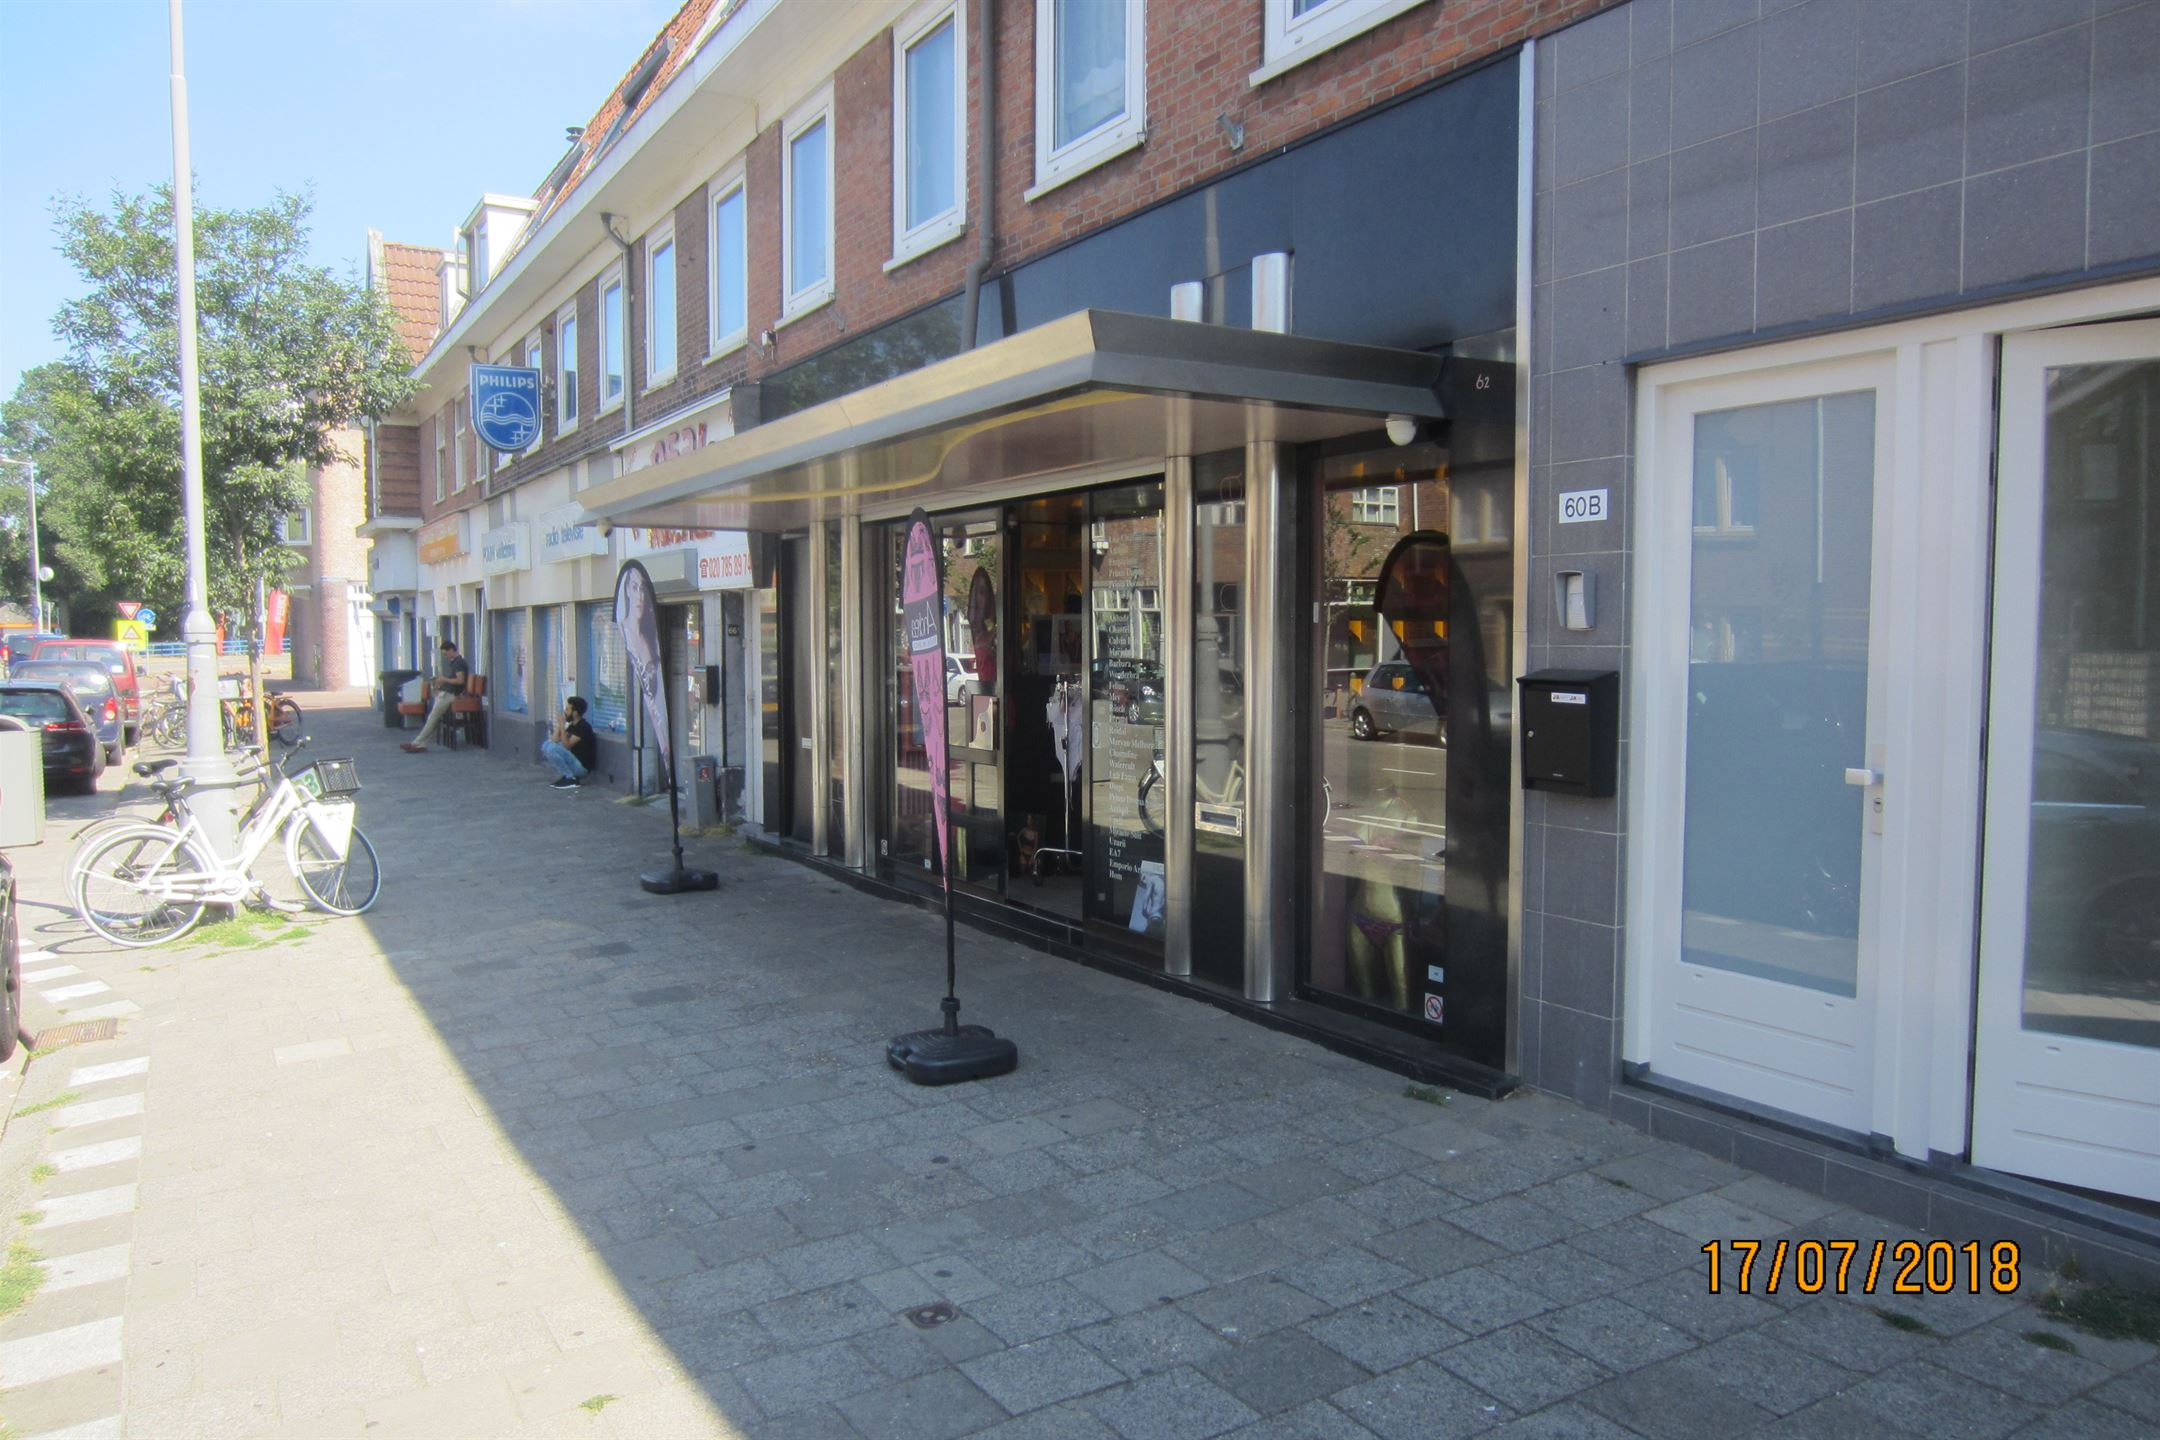 Sanitair winkels amsterdam beste afbeeldingen van sanidrome ravo